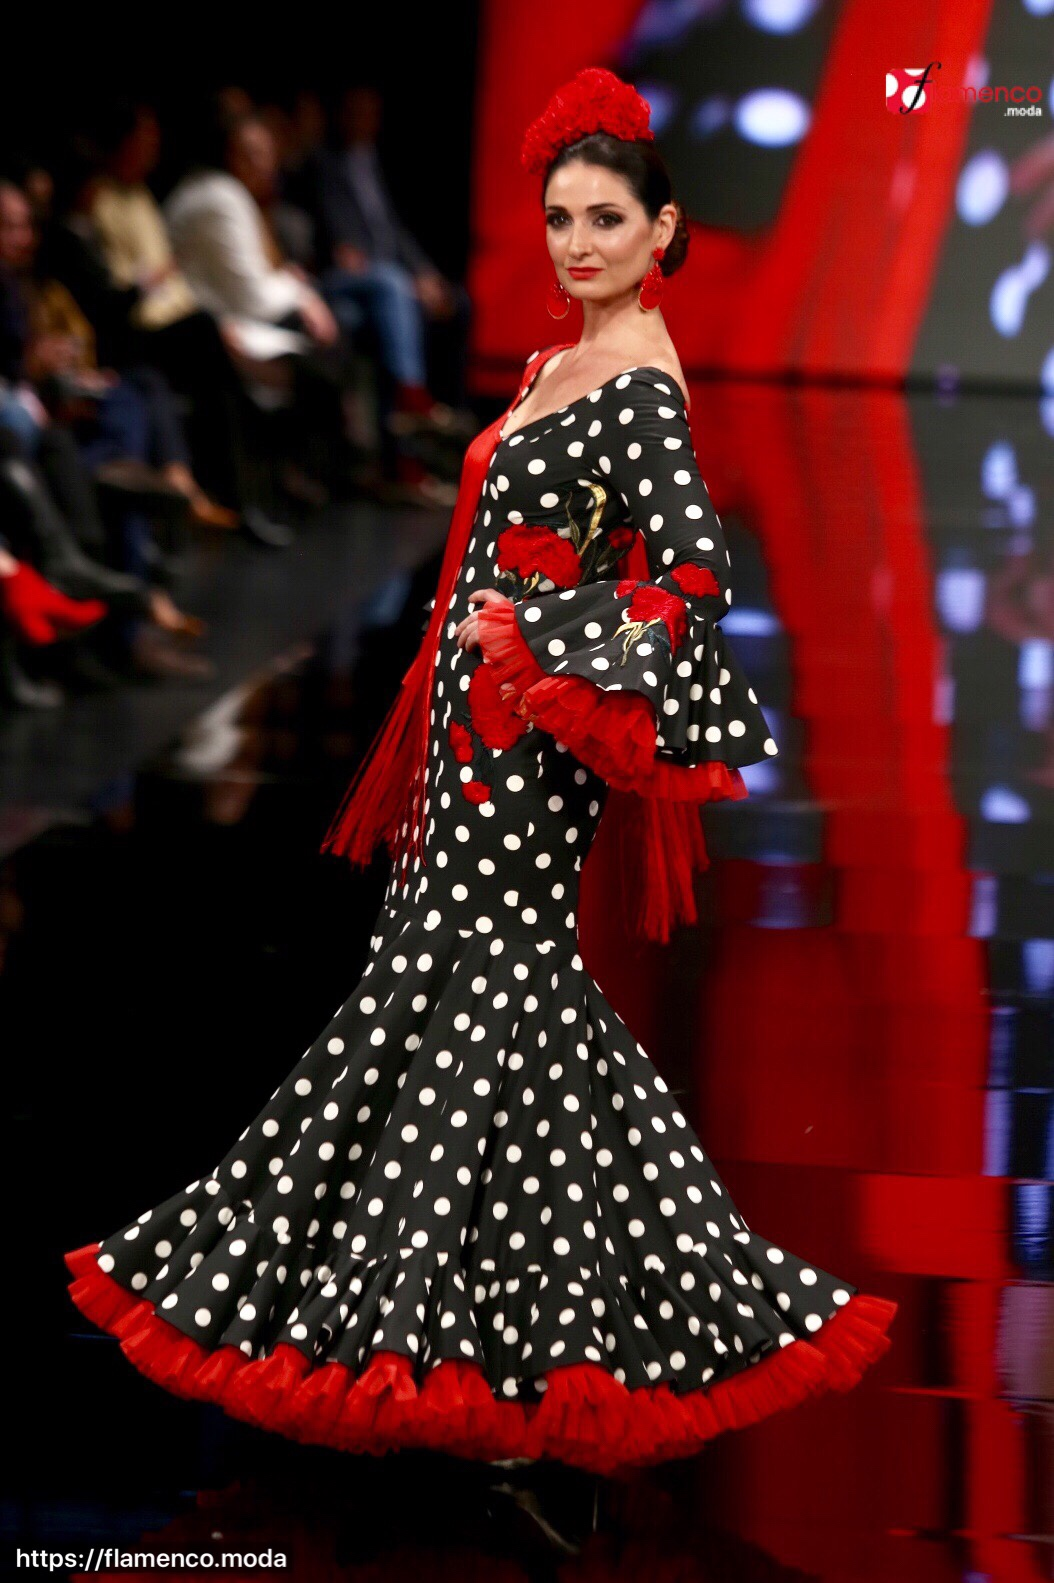 Desfile de moda de apasionada en saloacuten eroacutetico de barcelona 2014 - 4 5